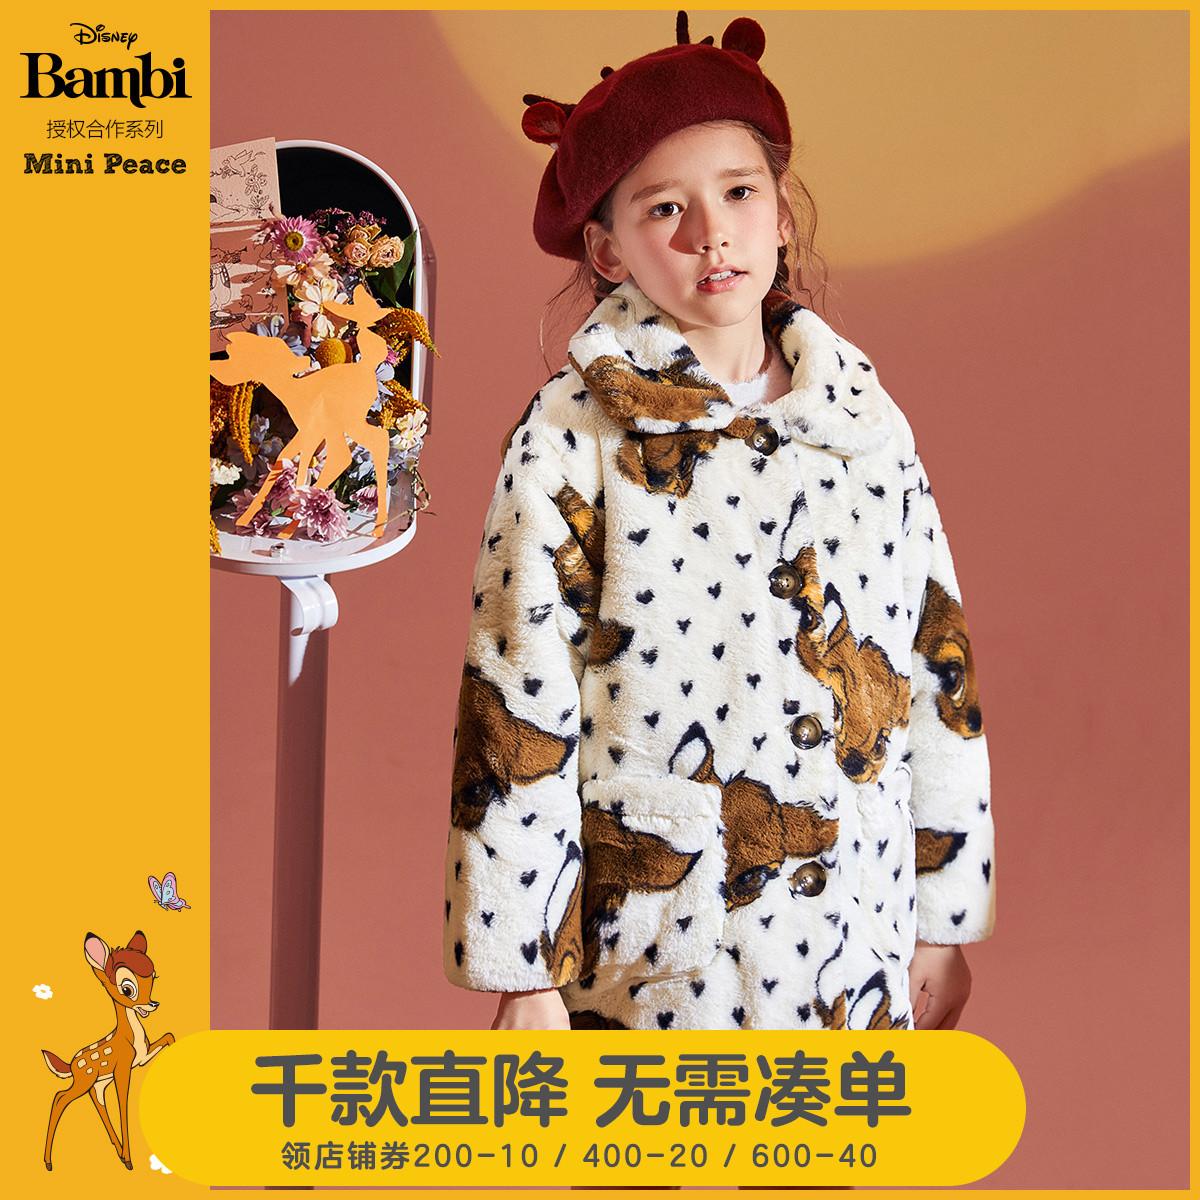 【小鹿斑比】minipeace太平鸟童装女童仿羊羔绒外套厚儿童绒上衣